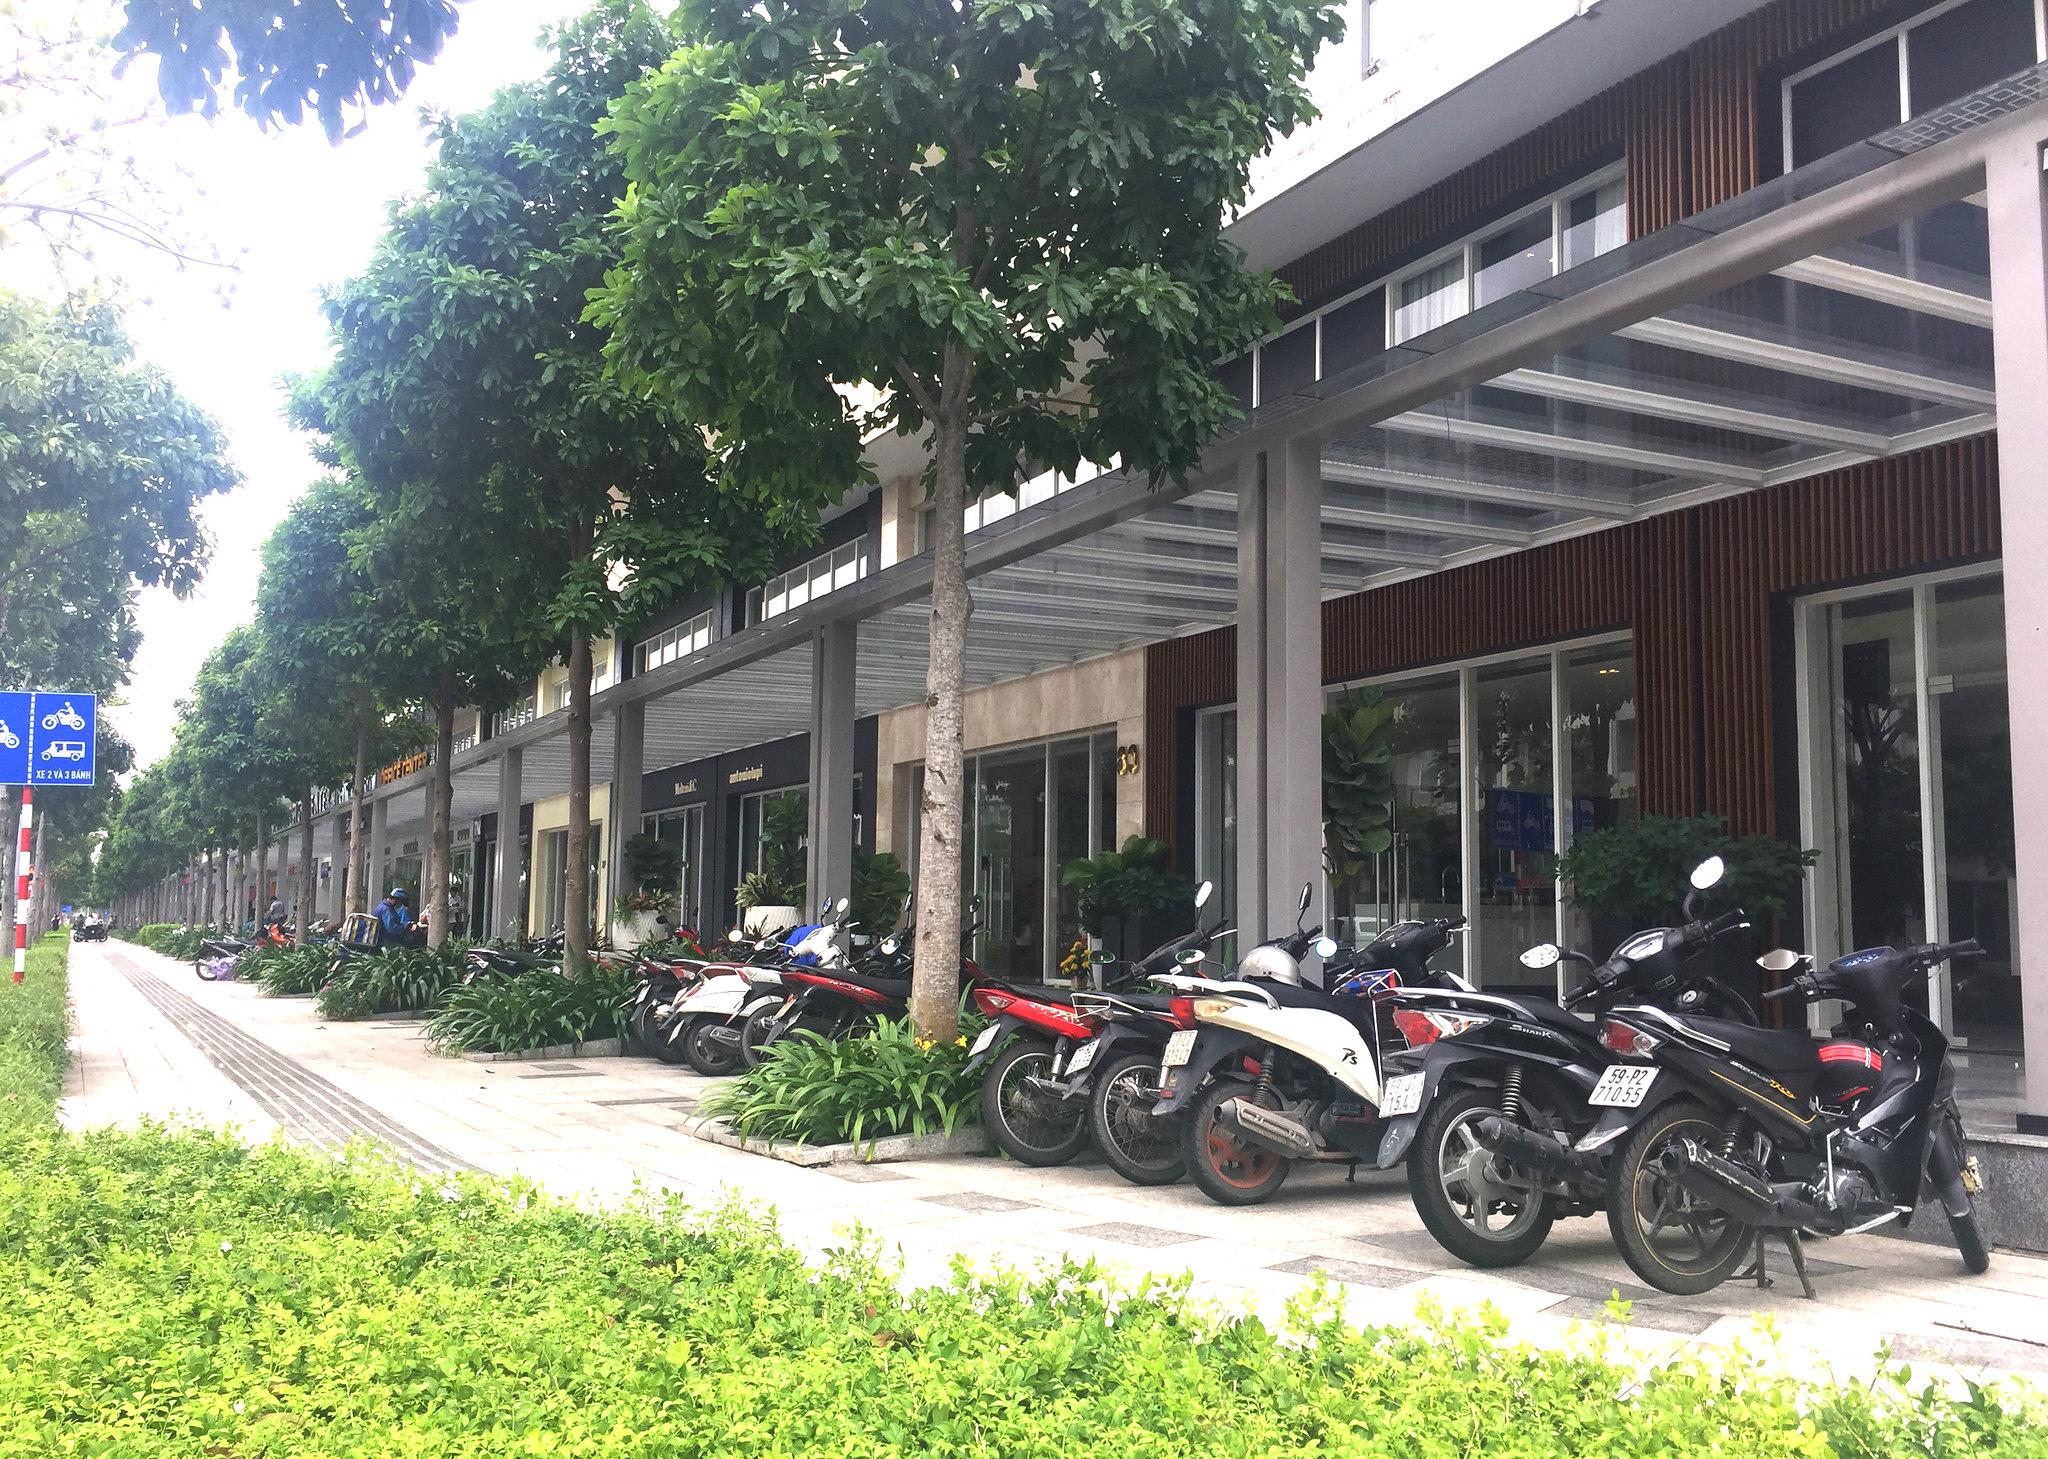 Đường Nguyễn Cơ Thạch 60m, lề đường 7,5m thoải mái không gian để xe, xe oto có thể đậu dưới lòng đường